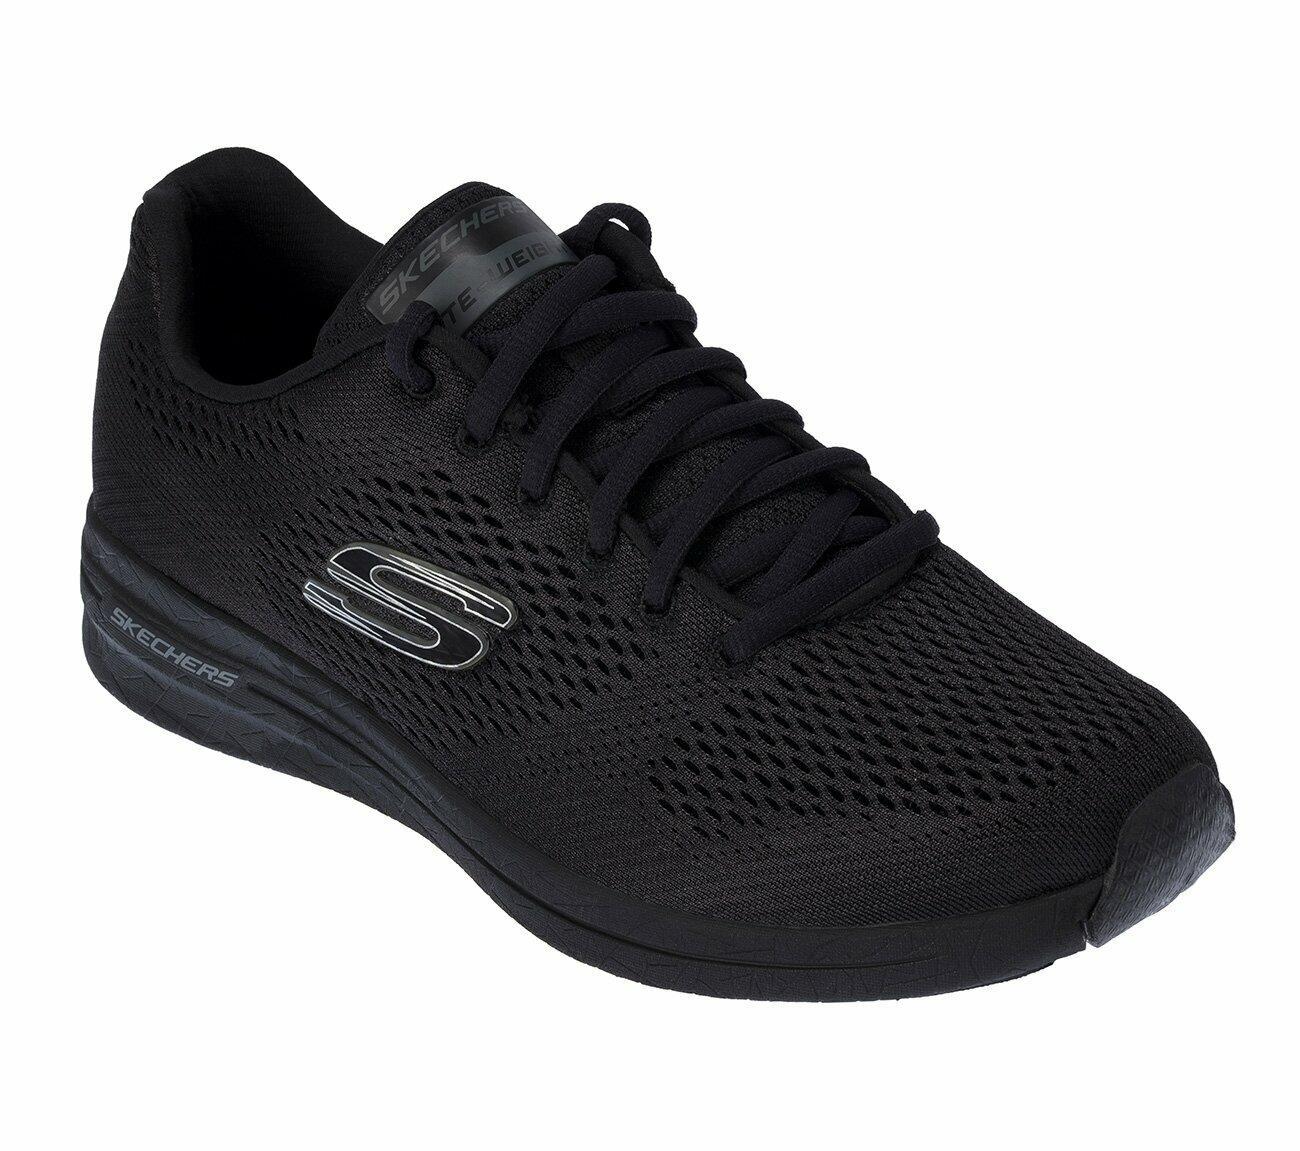 Skechers Burst 2.0 Out Of Range Erkek Ayakkabı Skc999739 Bbk